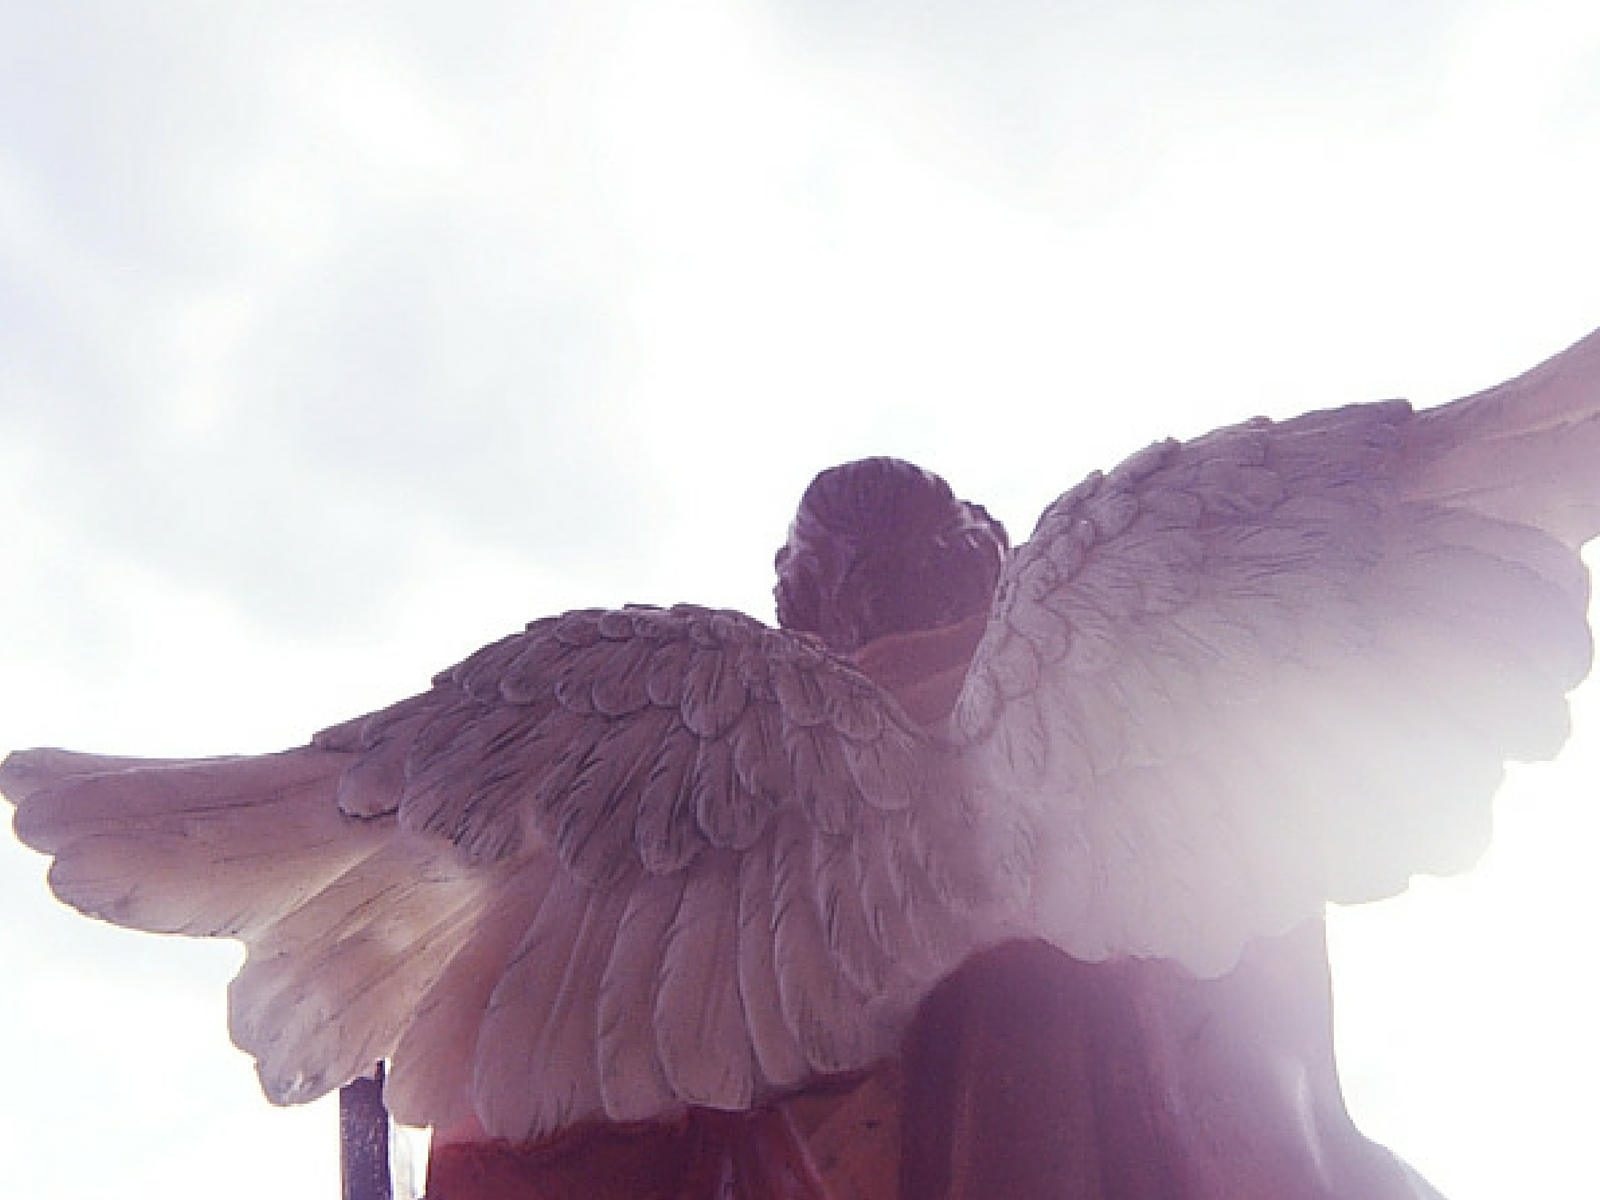 A Bíblia promove ou proíbe a oração aos anjos?